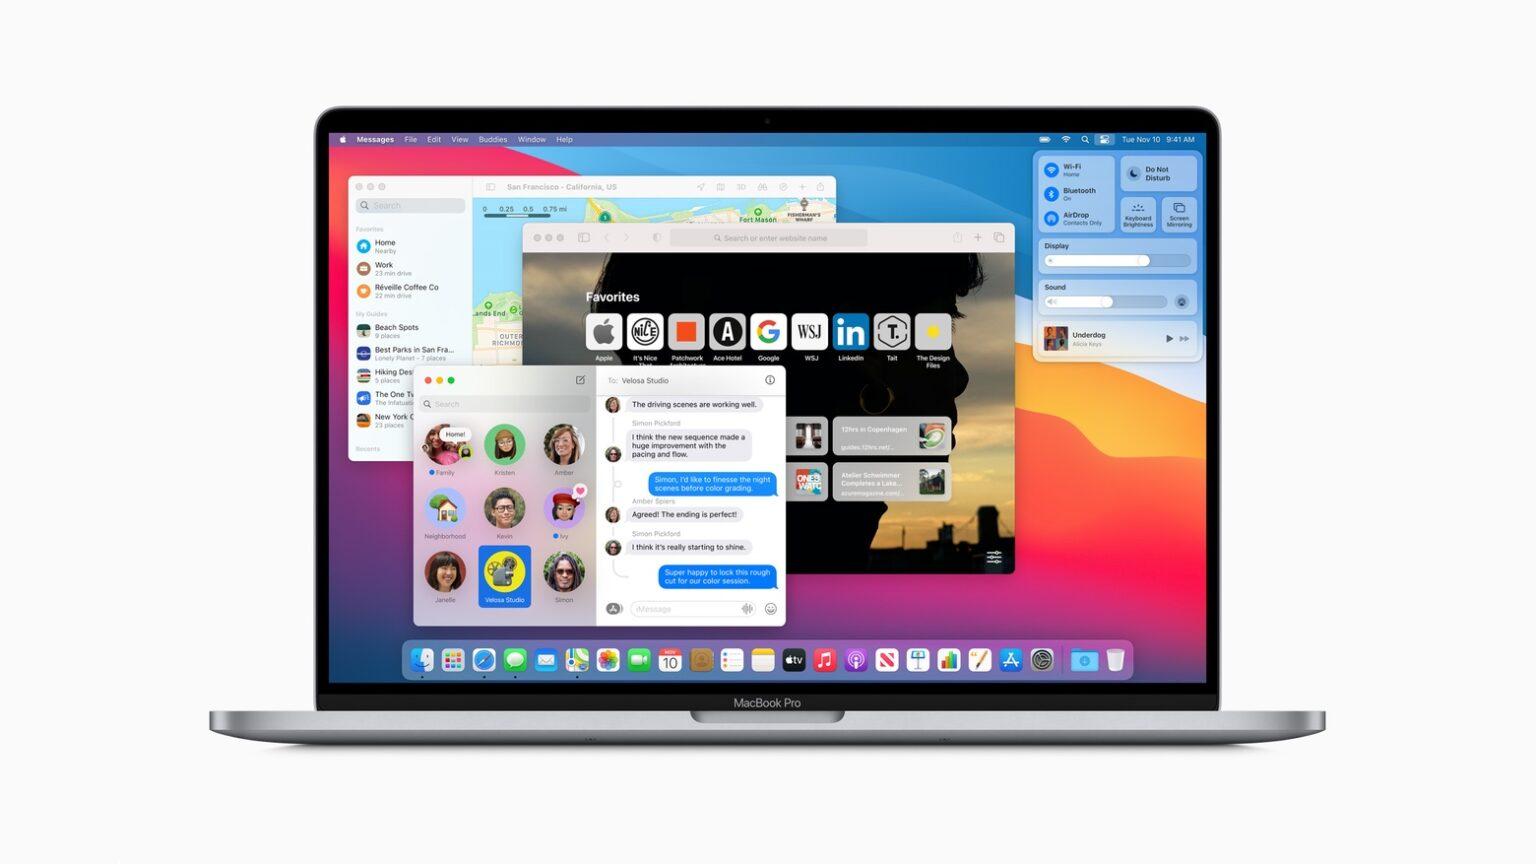 macOS Big Sur public release ushers in huge design changes